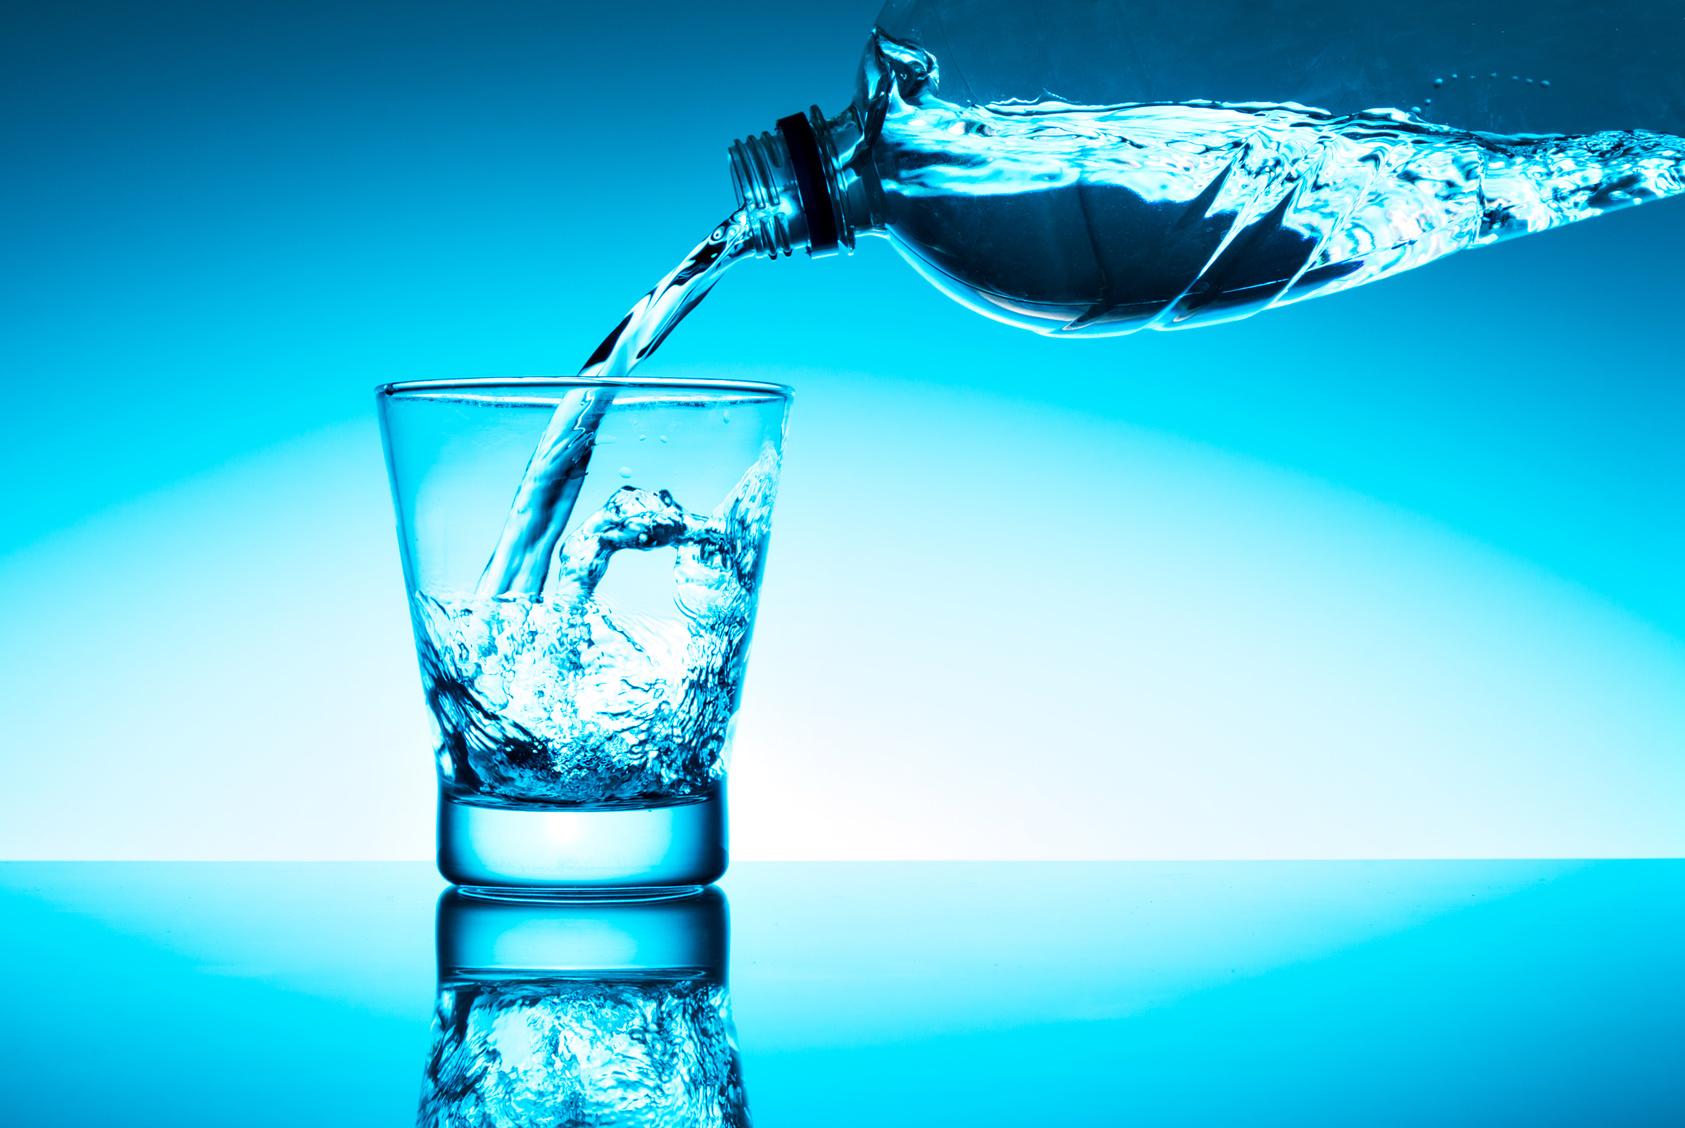 Acqua distillata alimentare 28 images speciale moda donna primavera estate acqua distillata - Acqua depurata in casa ...